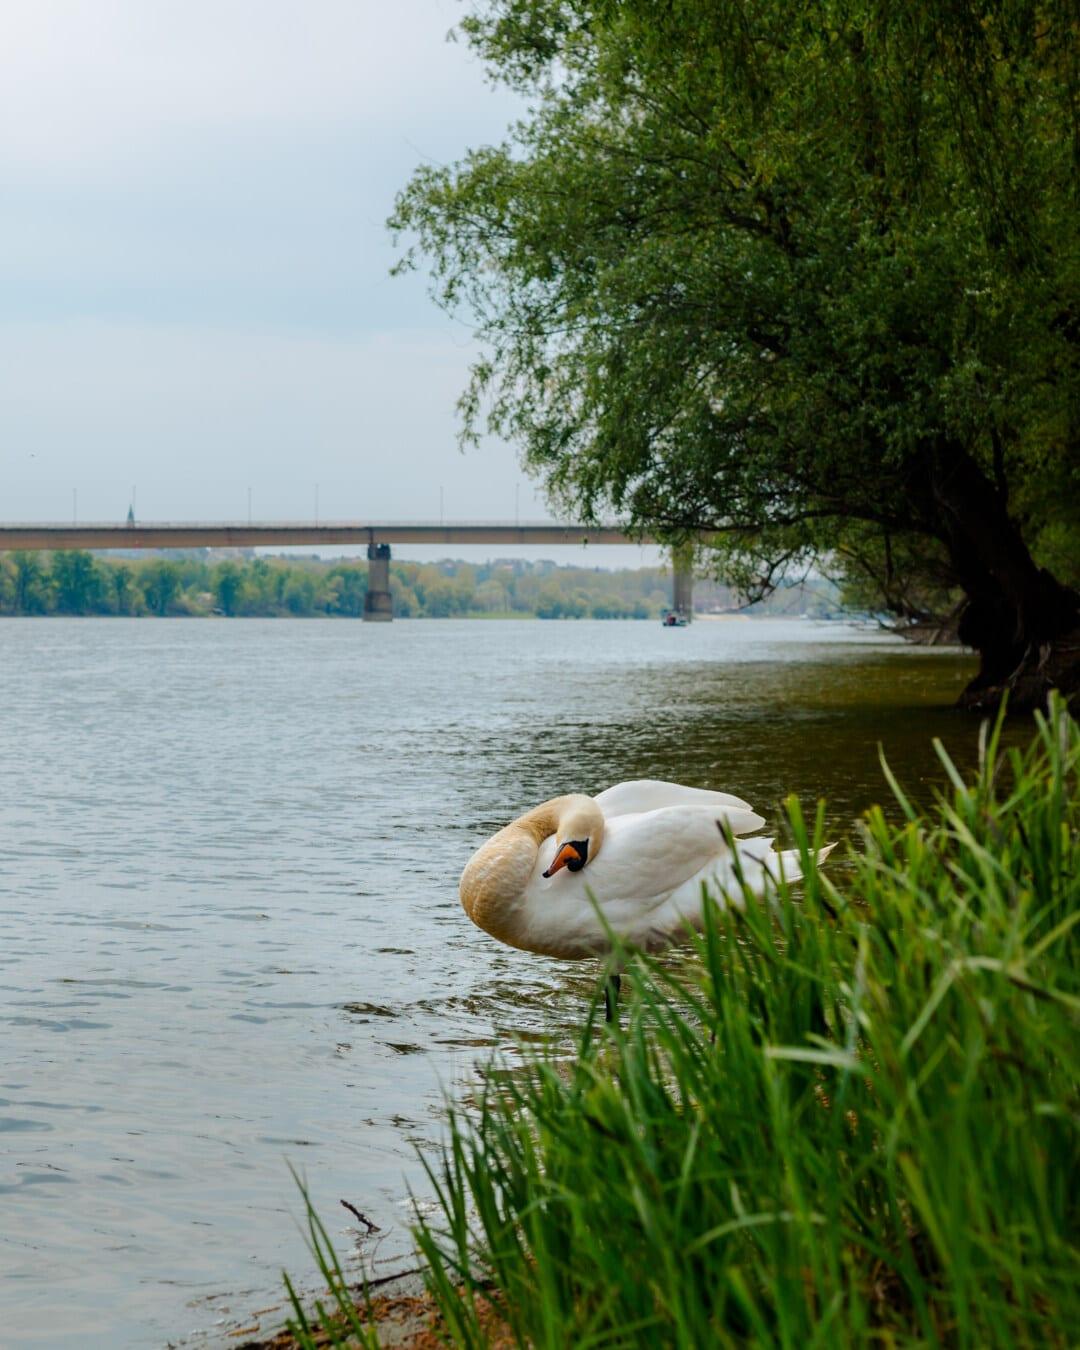 Лебідь, великий, берег річки, русло, води, берег, Lakeside, озеро, птах, природа